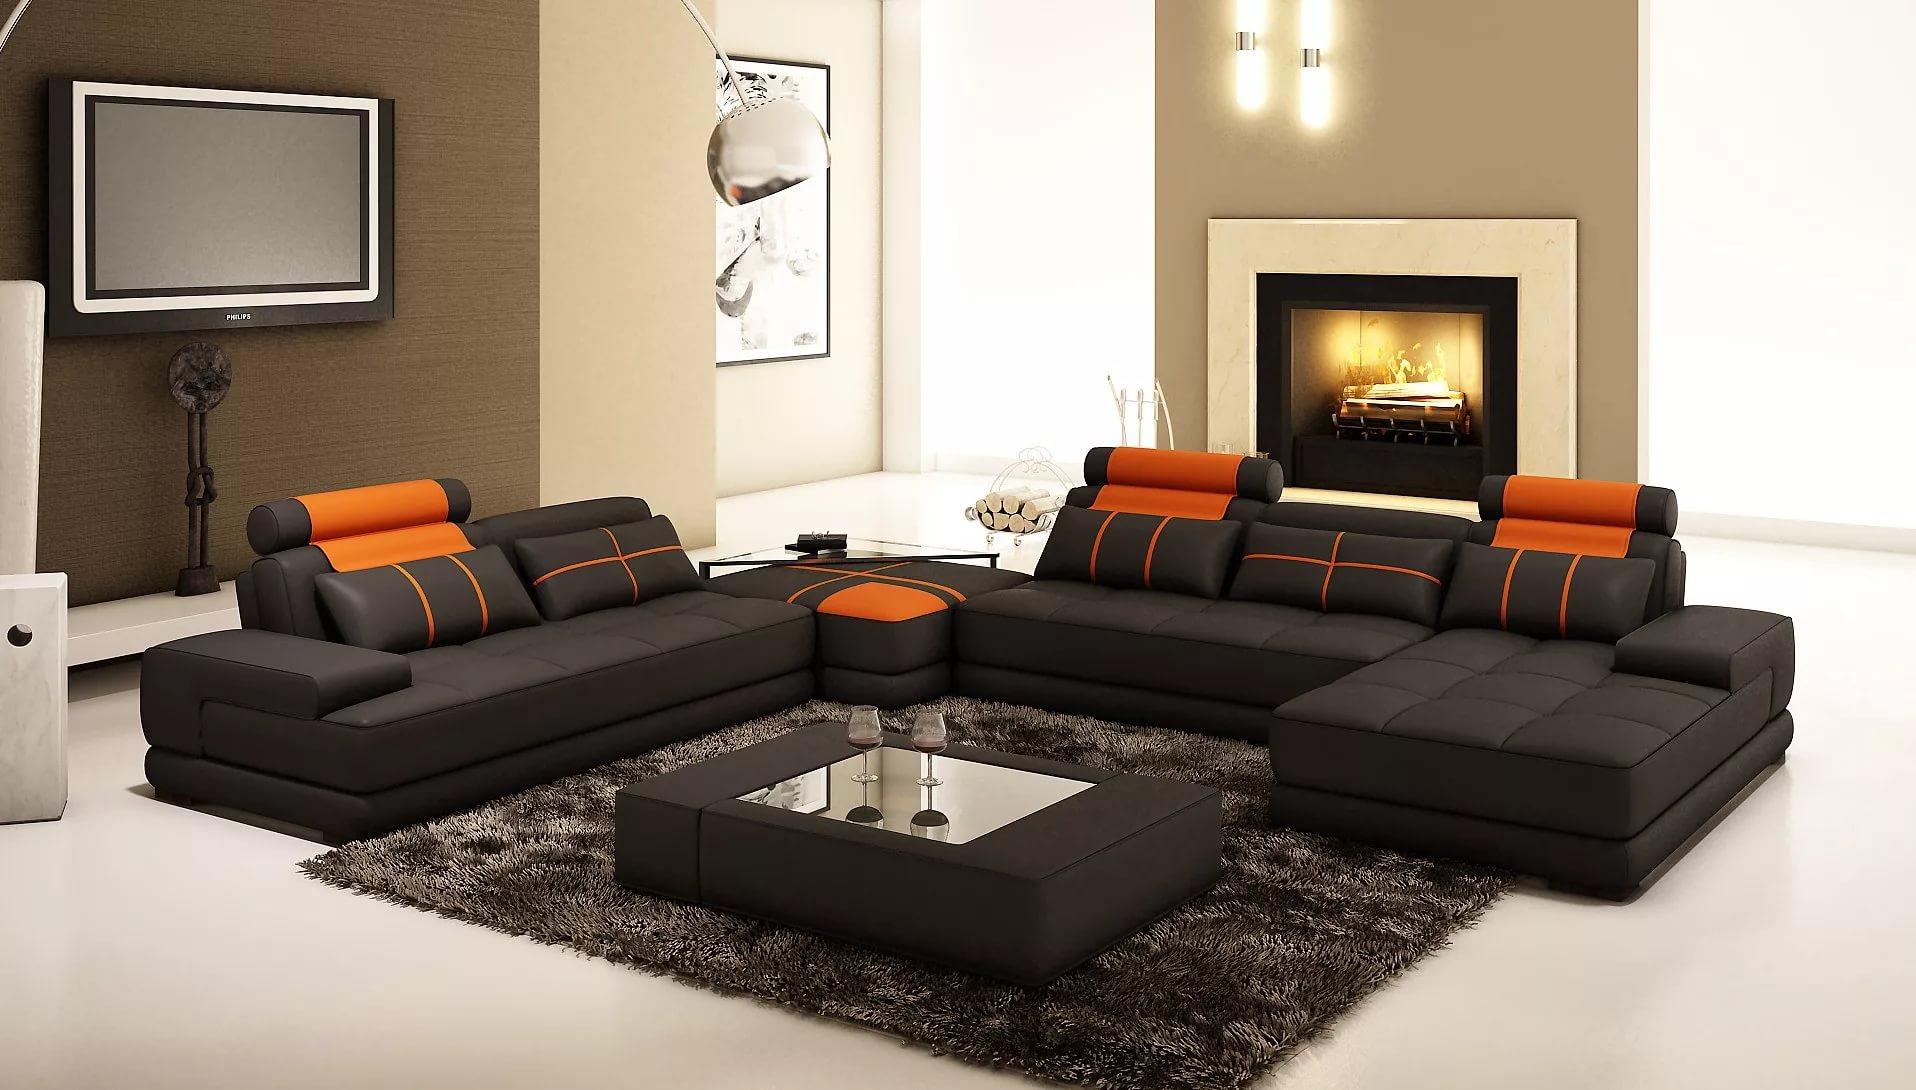 угловой диван в интерьере 60 фото как выбрать в зал как